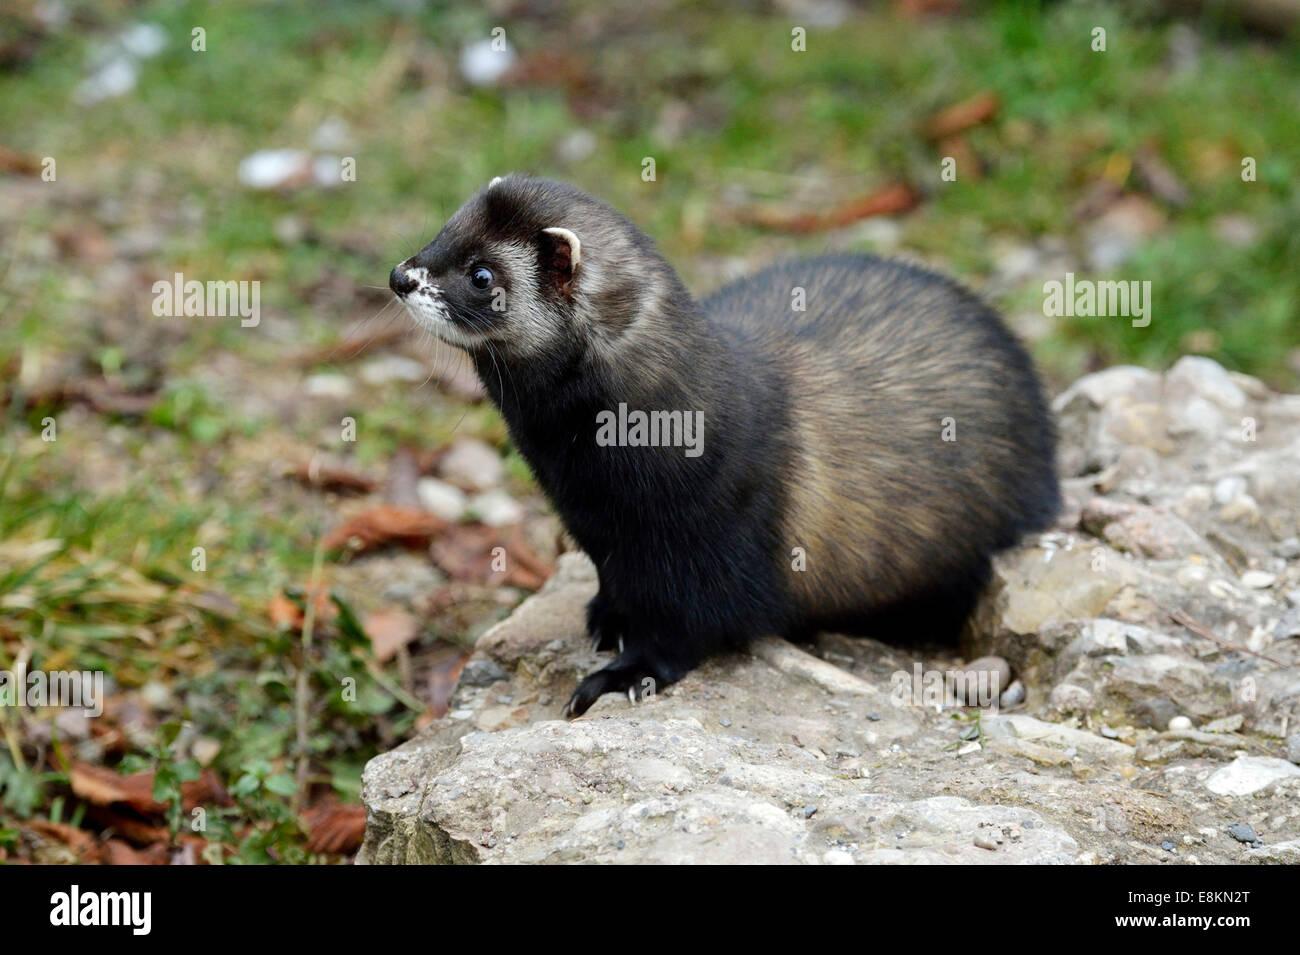 European polecat (Mustela putorius), Natur- und Tierpark Goldau zoo, Schwyz, Switzerland - Stock Image